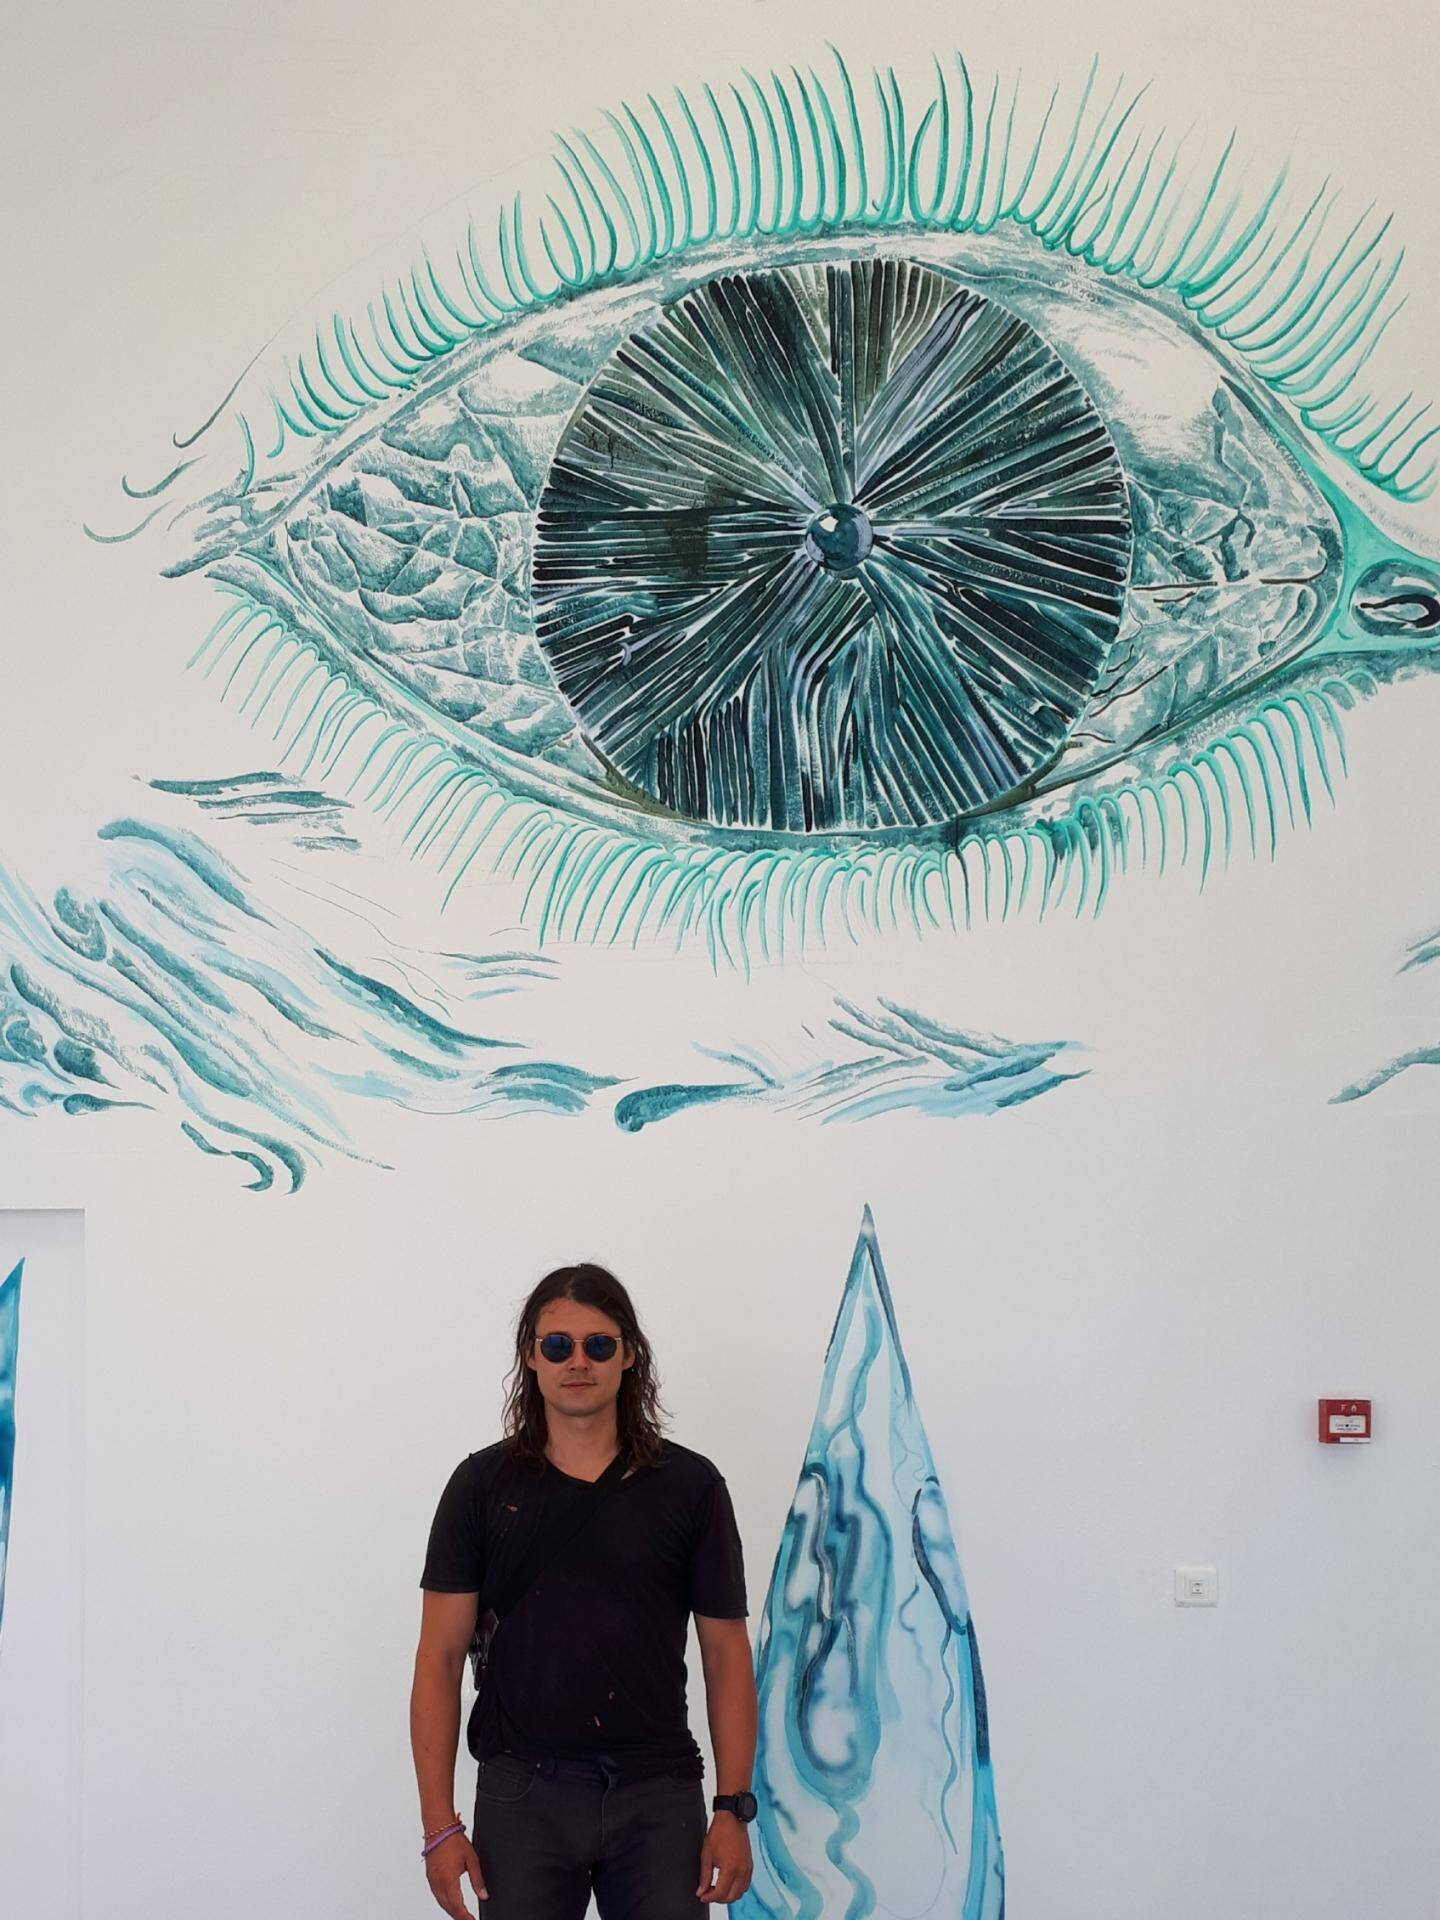 Antoine Carbonne devant la fresque qu'il a réalisé dans la piscine de la Villa Noailles.